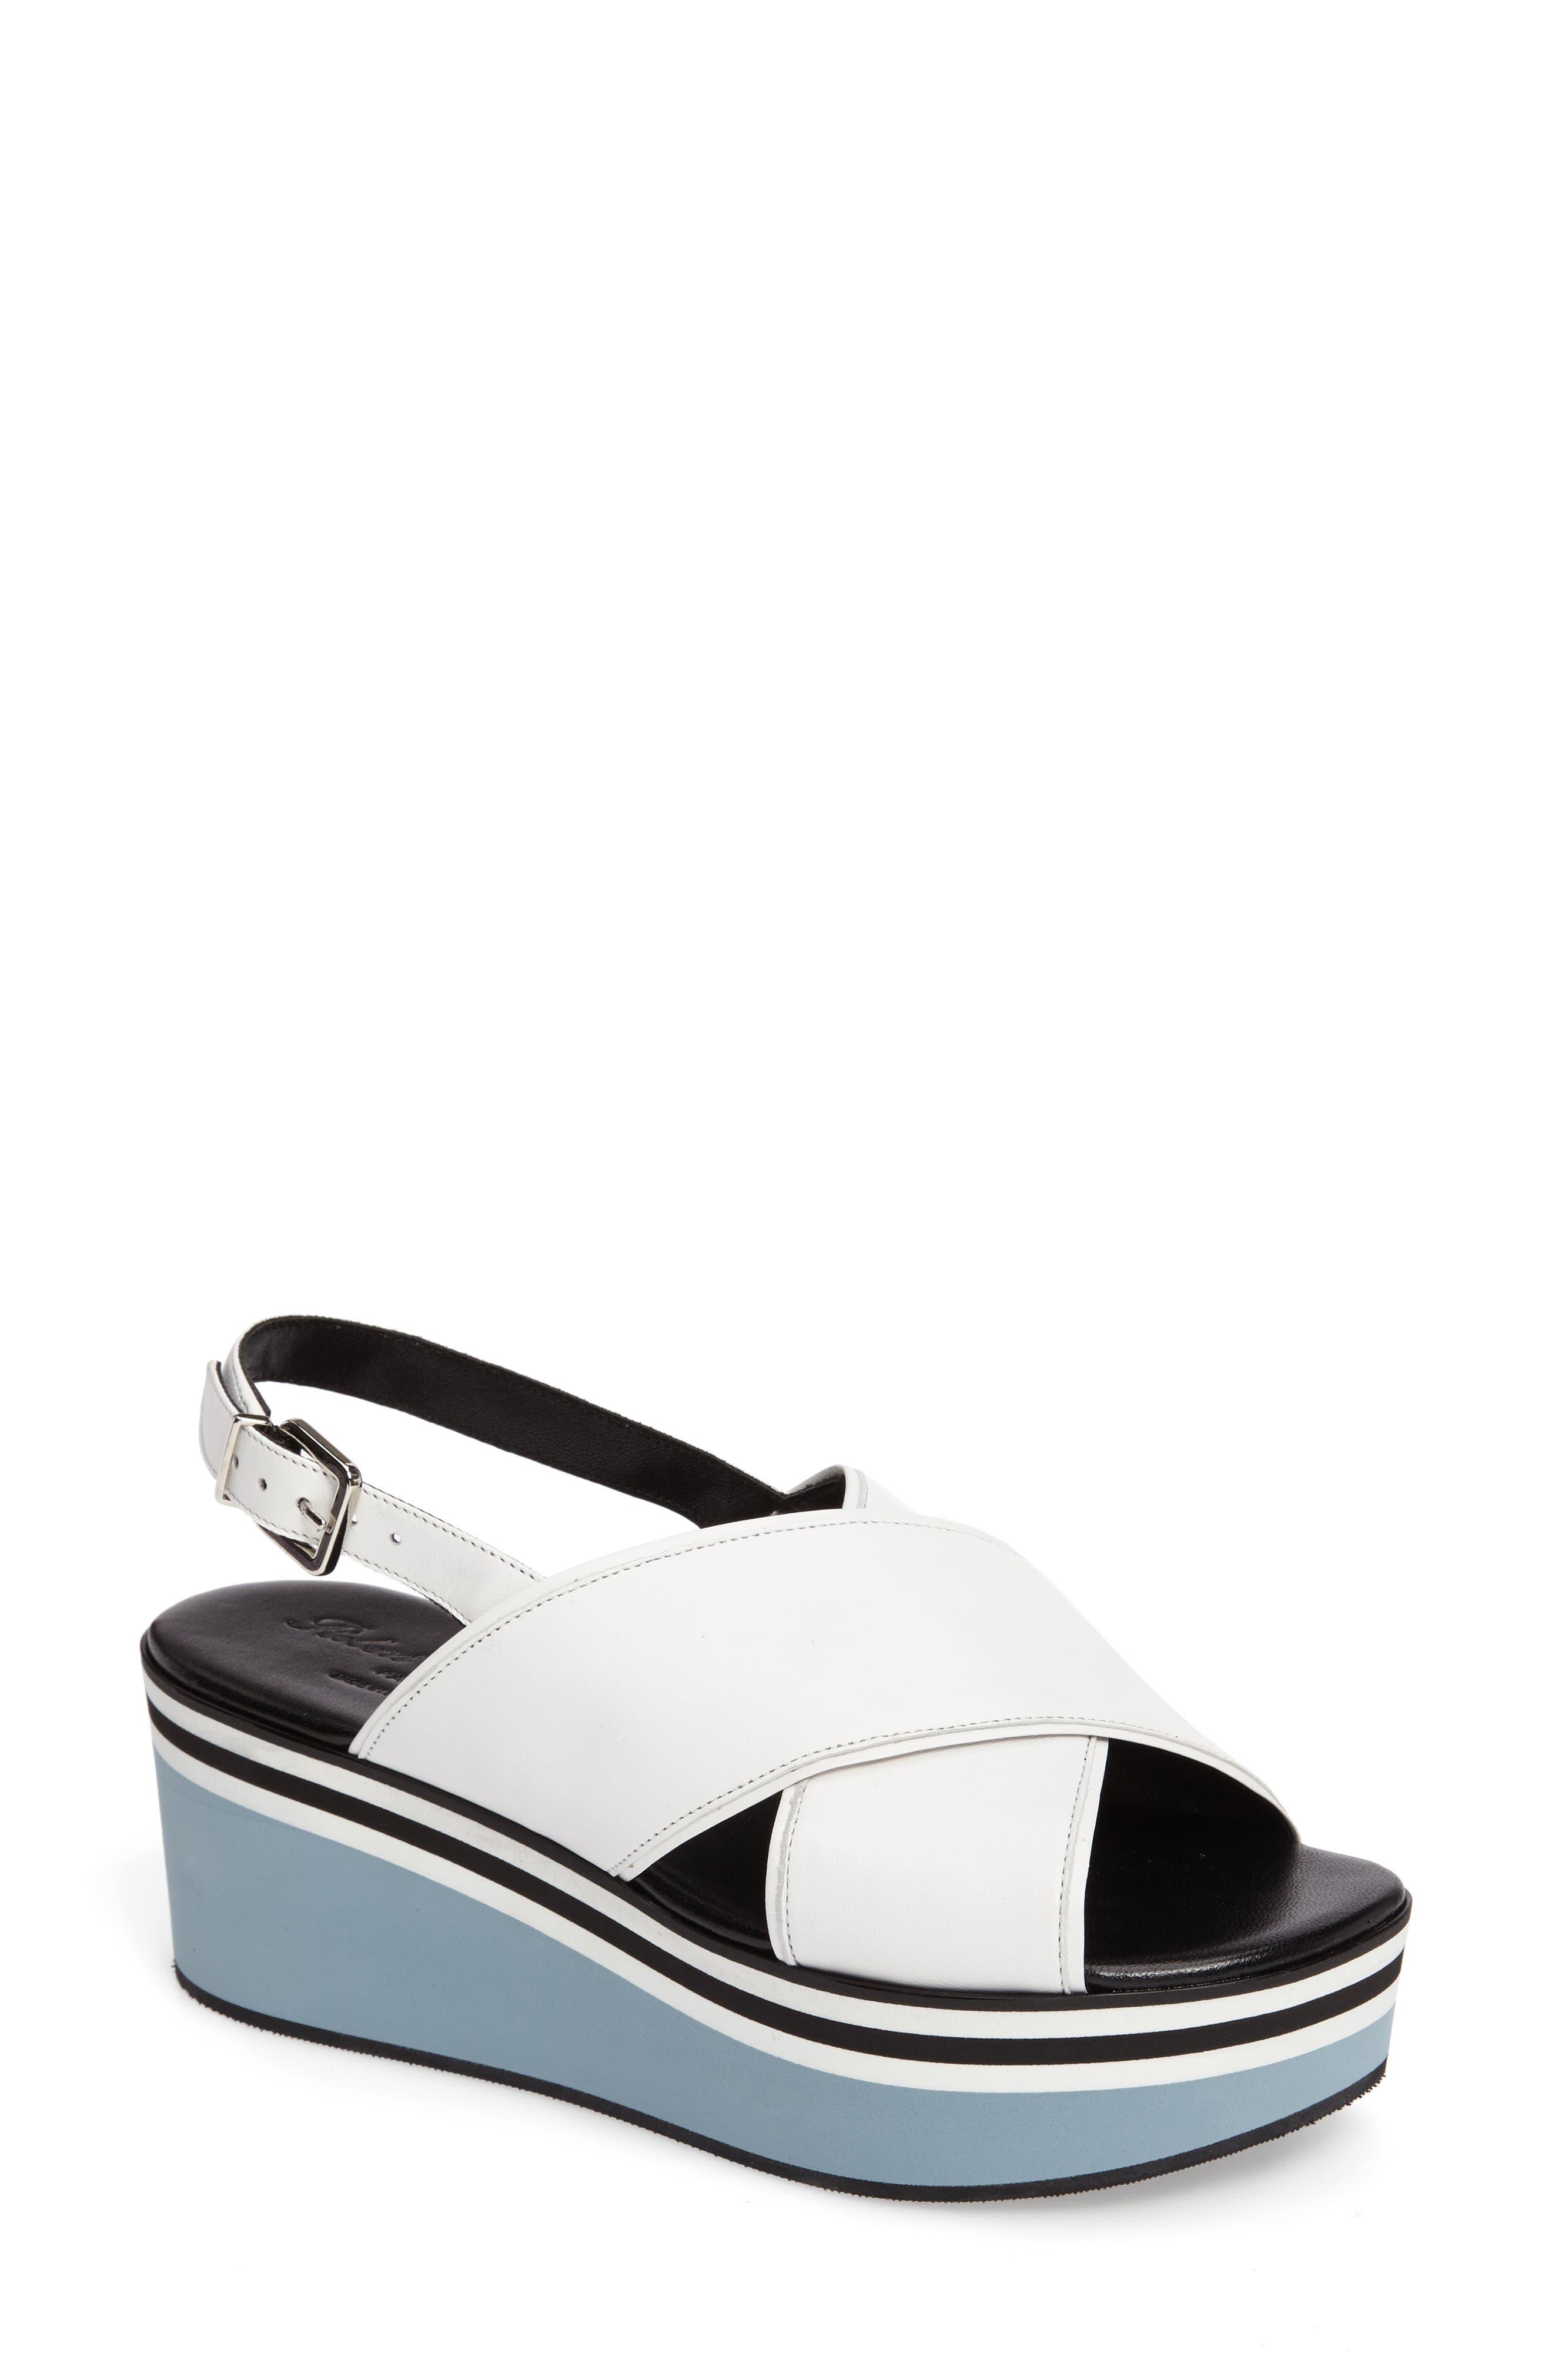 Main Image - Robert Clergerie Pupla Platform Sandal (Women)